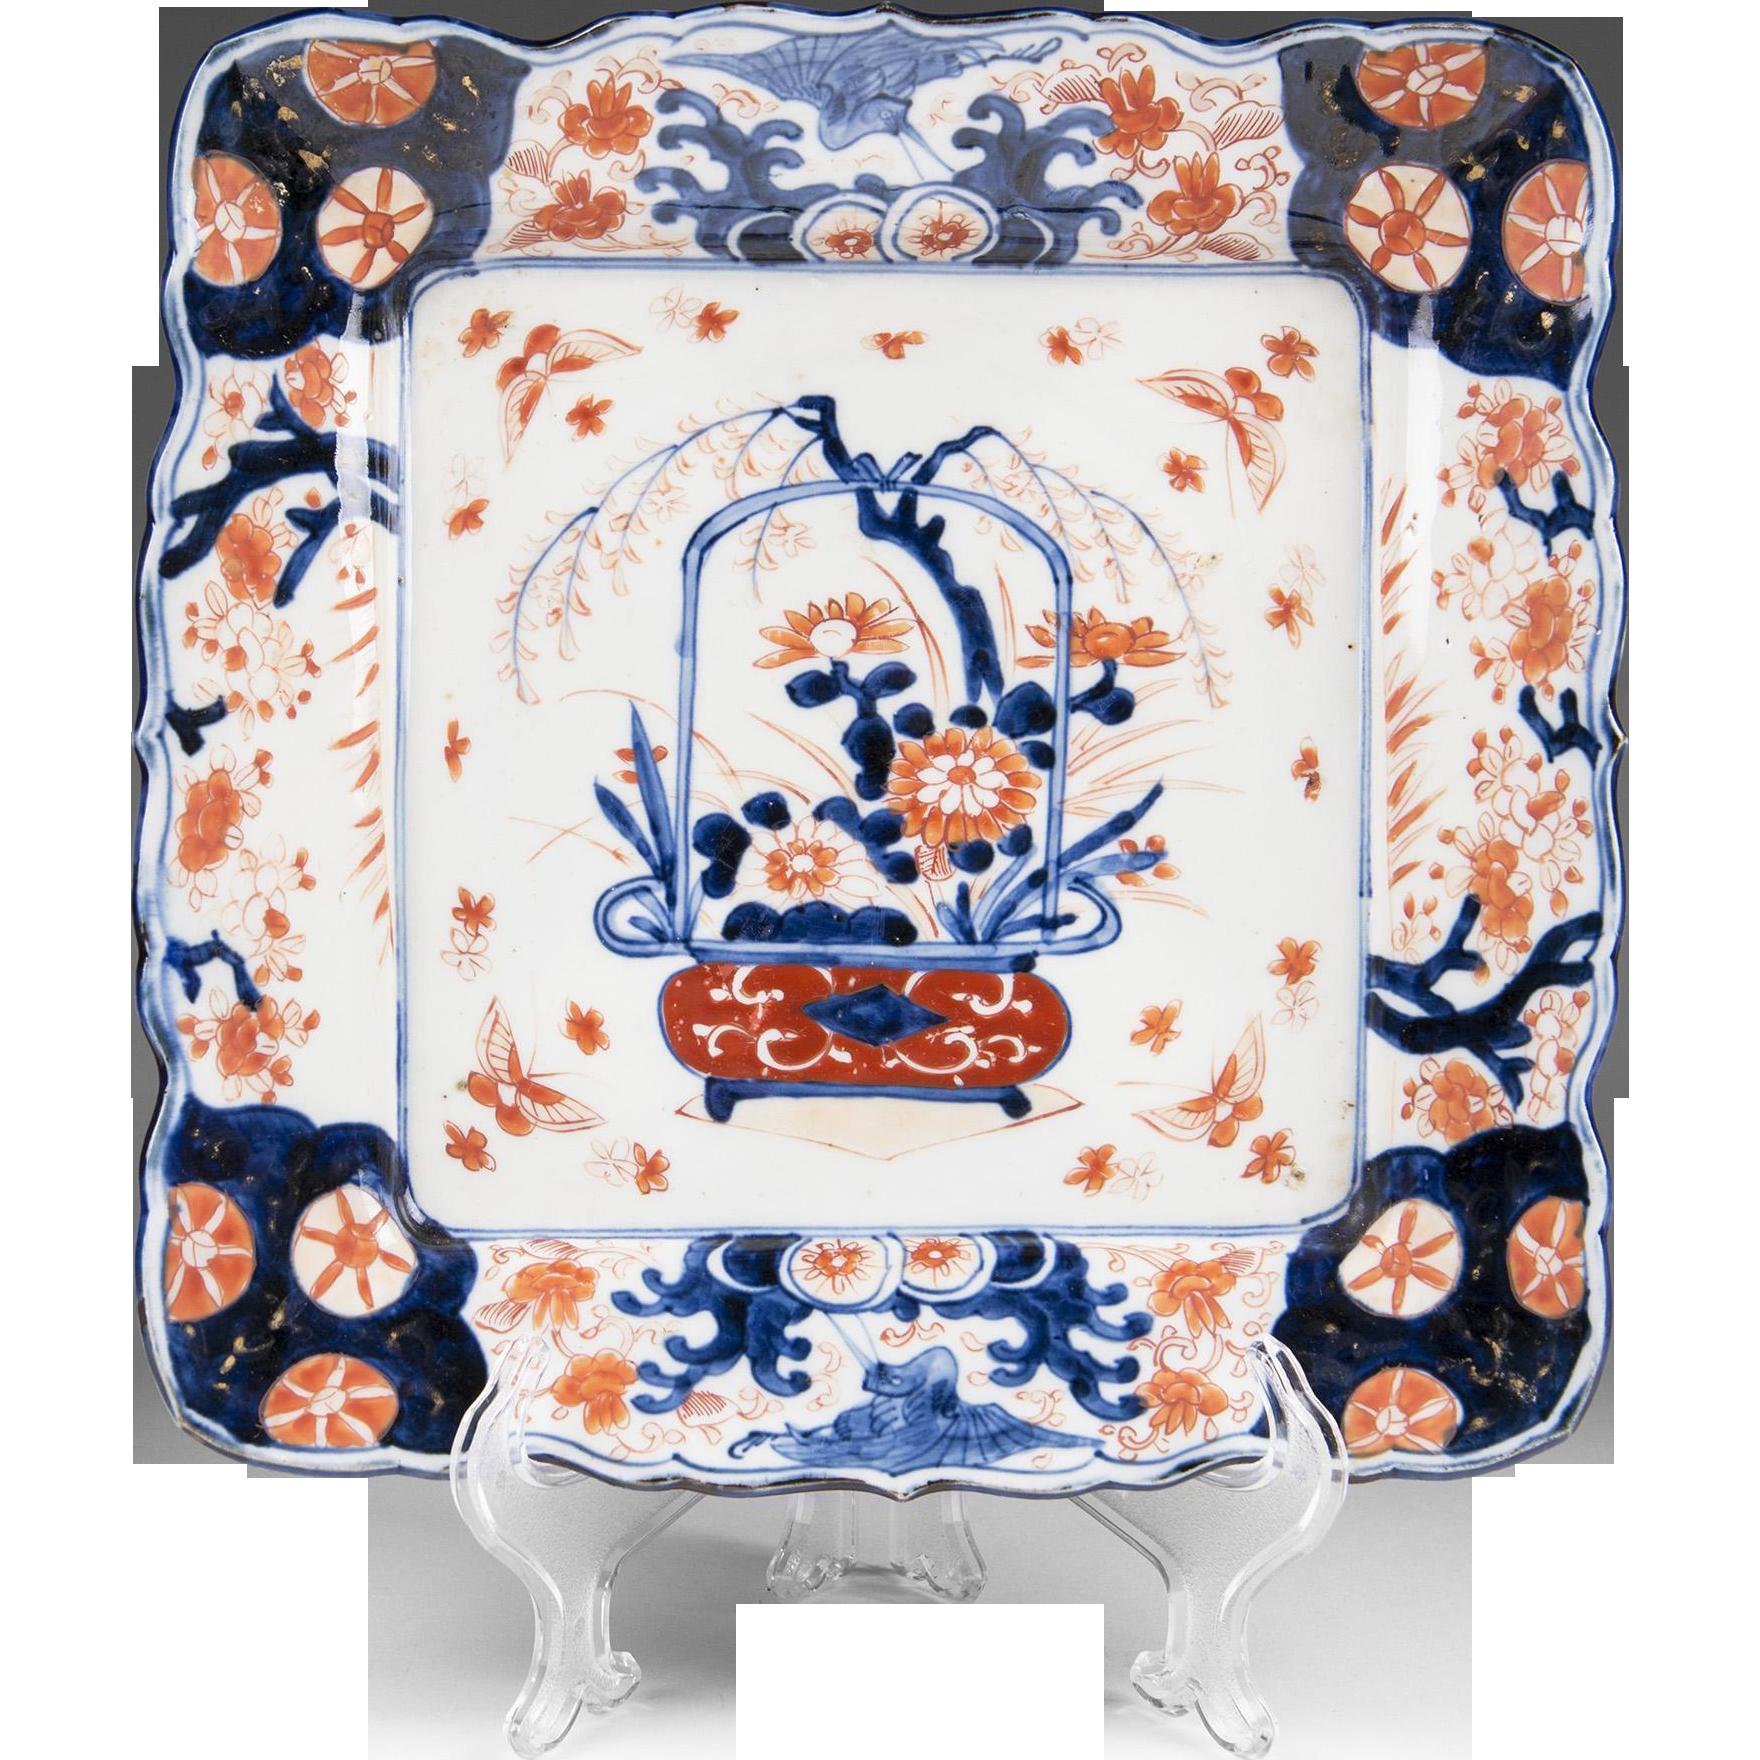 19th C. Japanese Imari Square Dish